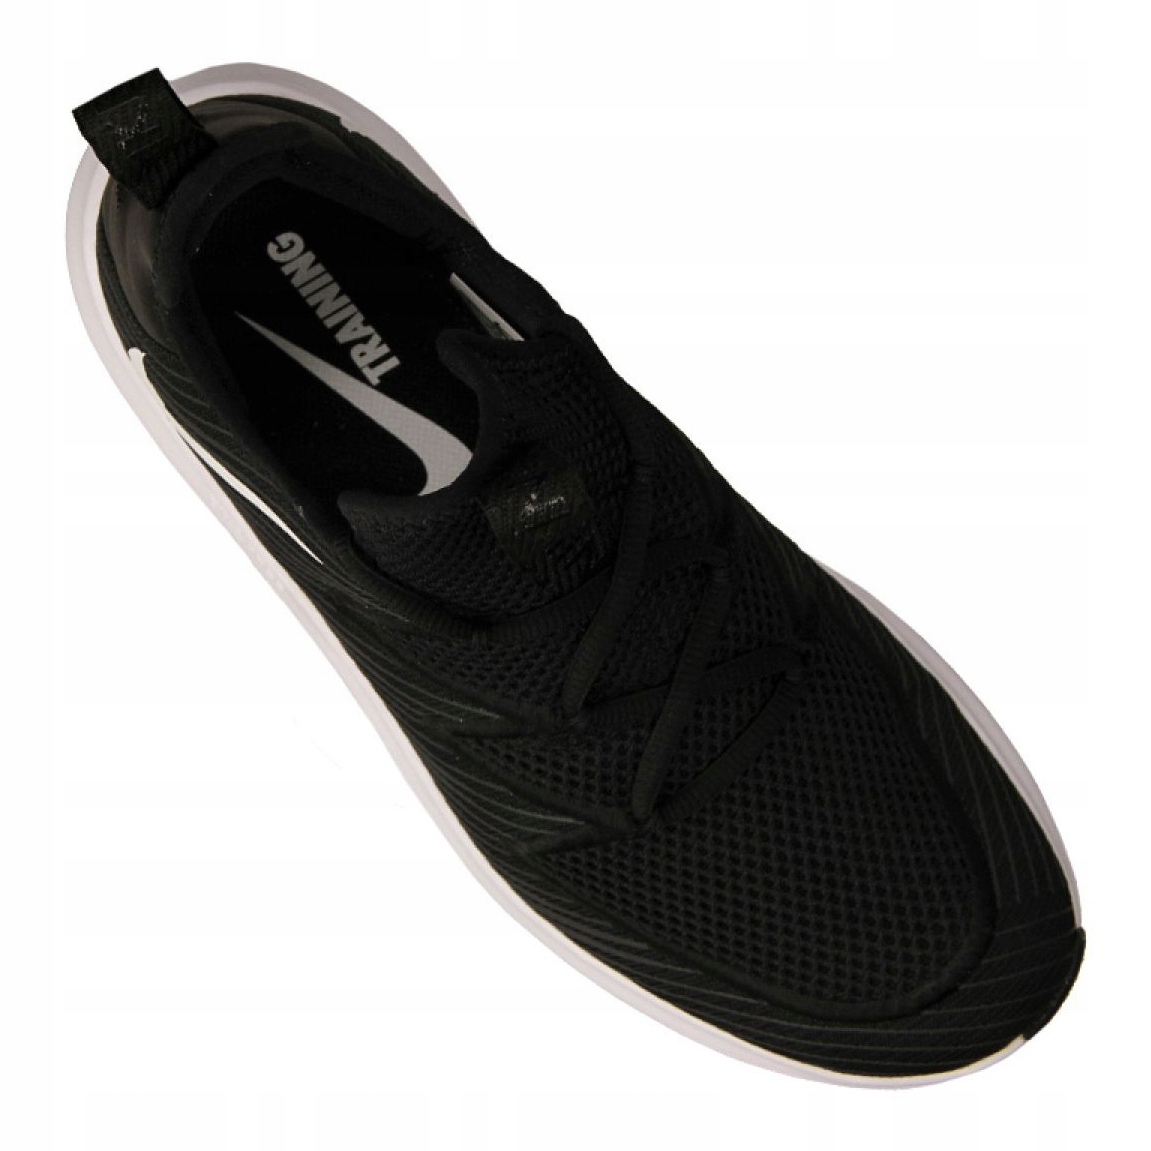 Sapatilhas Nike Free Trainer 9 M AO0252 010 preto